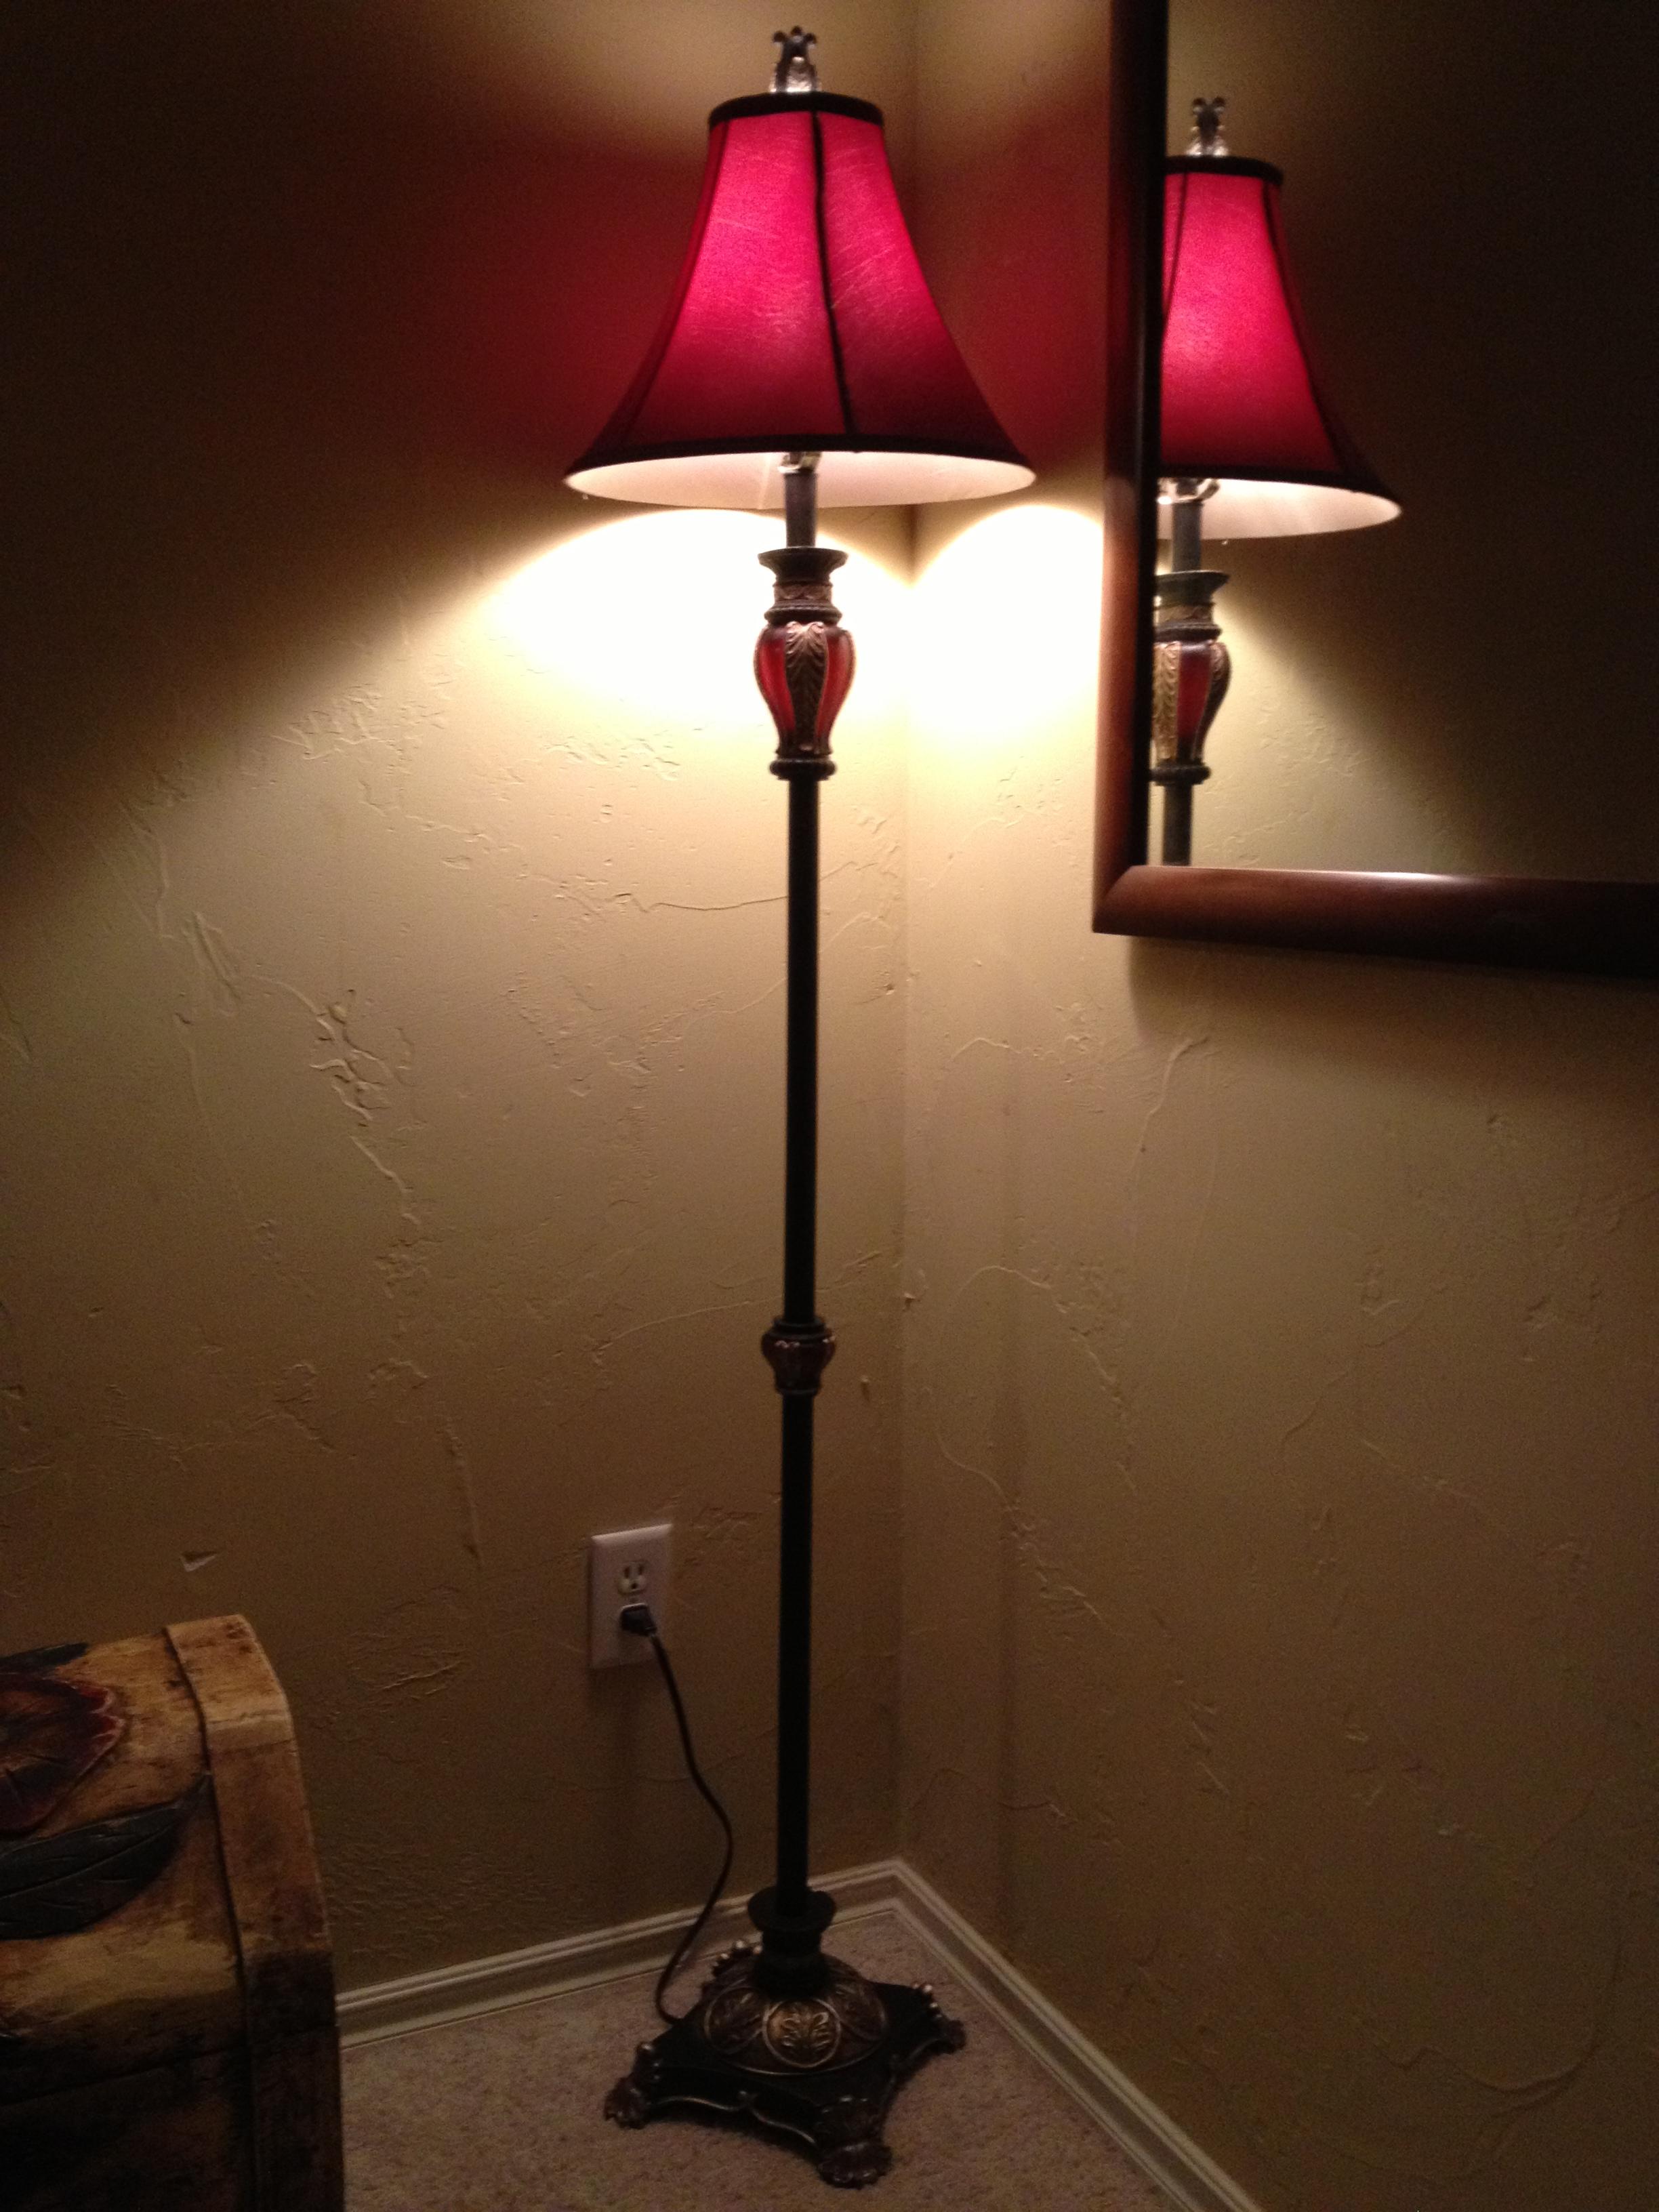 curb lamp